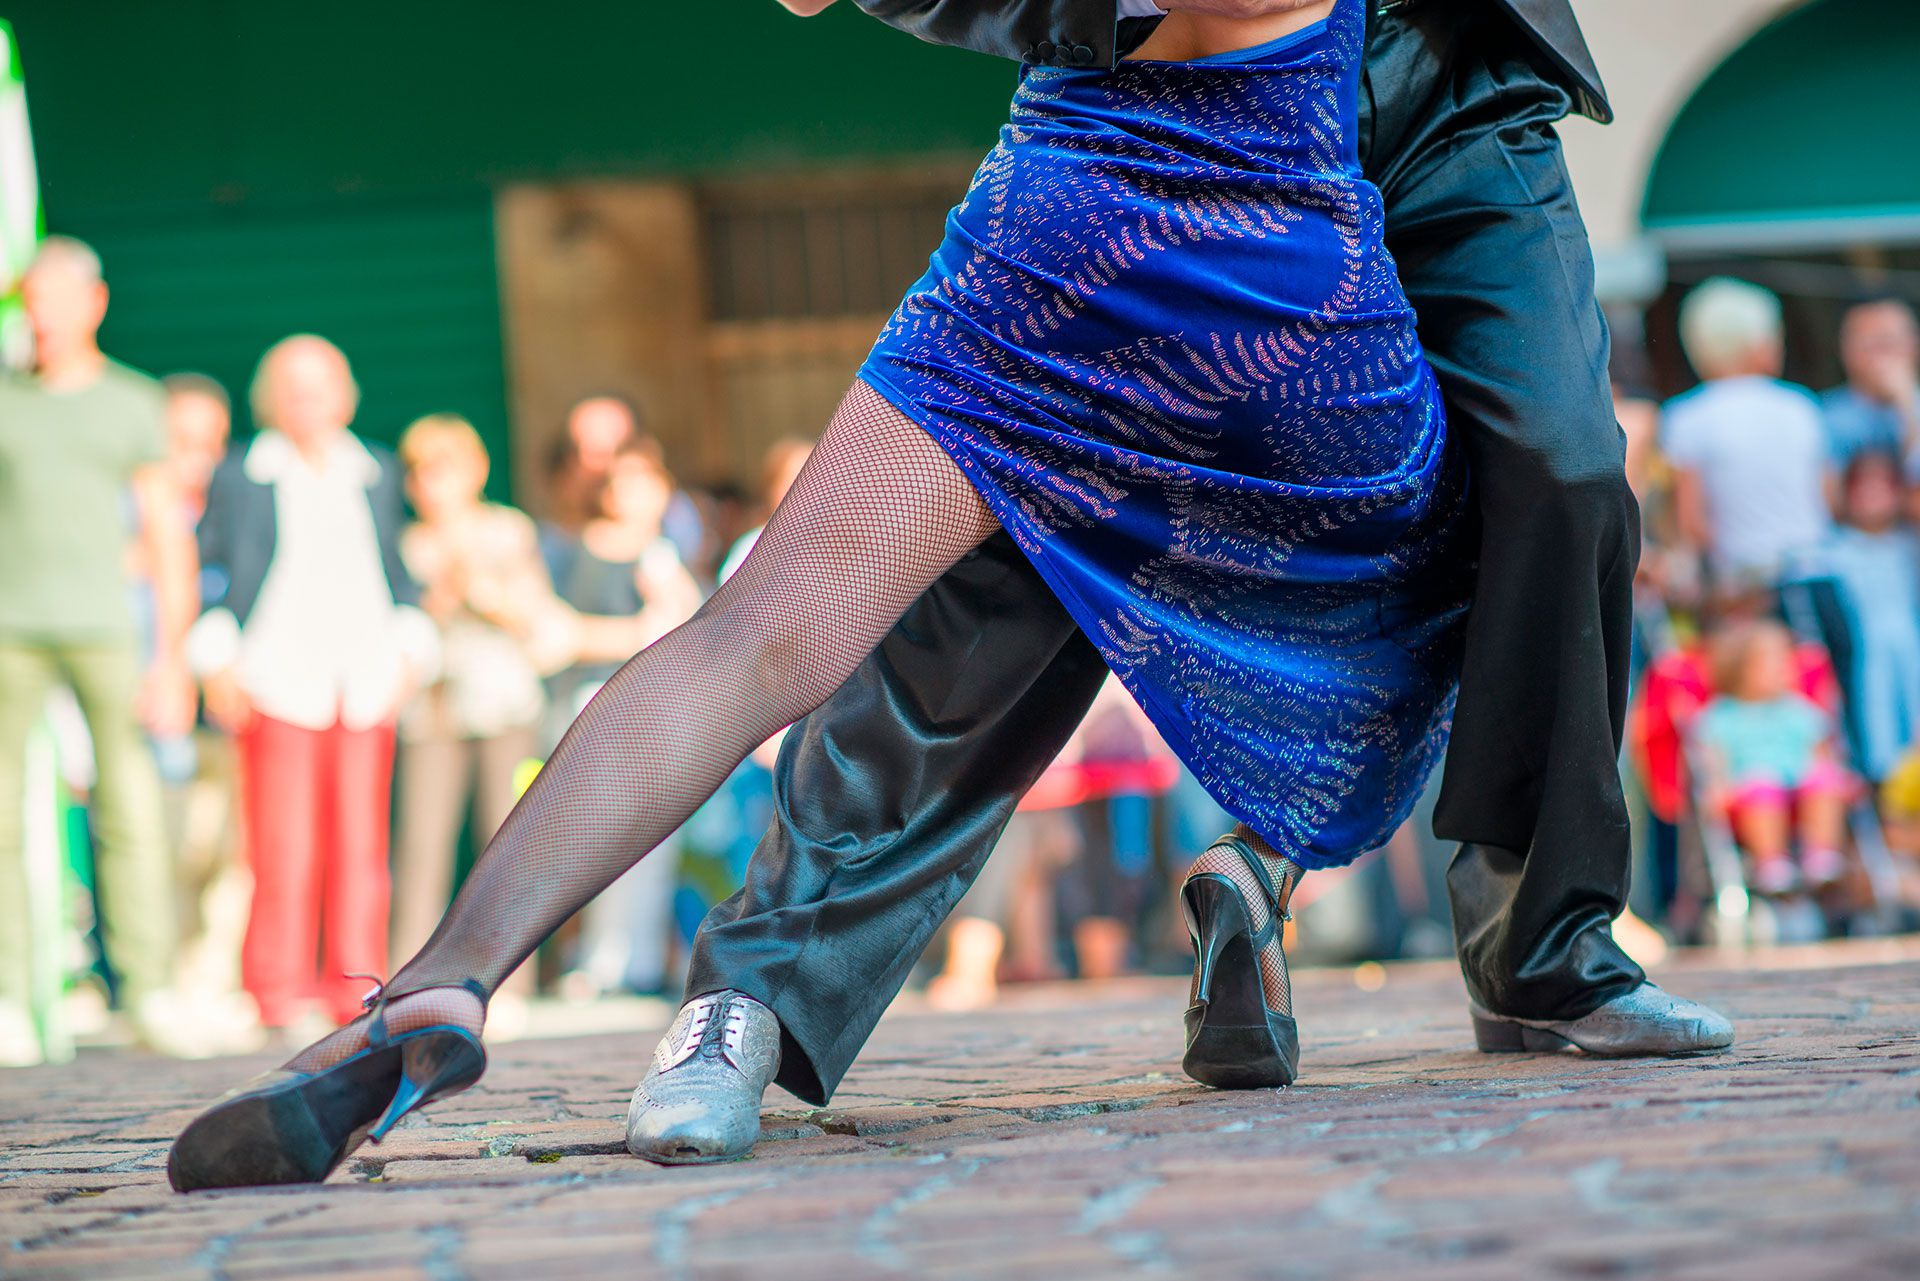 Para una dosis de autenticidad, recomiendan a los turistas dirigirse el barrio de Belgrano para encontrar La Glorieta al aire libre (sin sitio web, entrada gratuita), donde las parejas de diferentes edades bailan bajo las luces de un quiosco de música octagonal a la sombra de un edificio de departamentos de gran altura (Shutterstock)